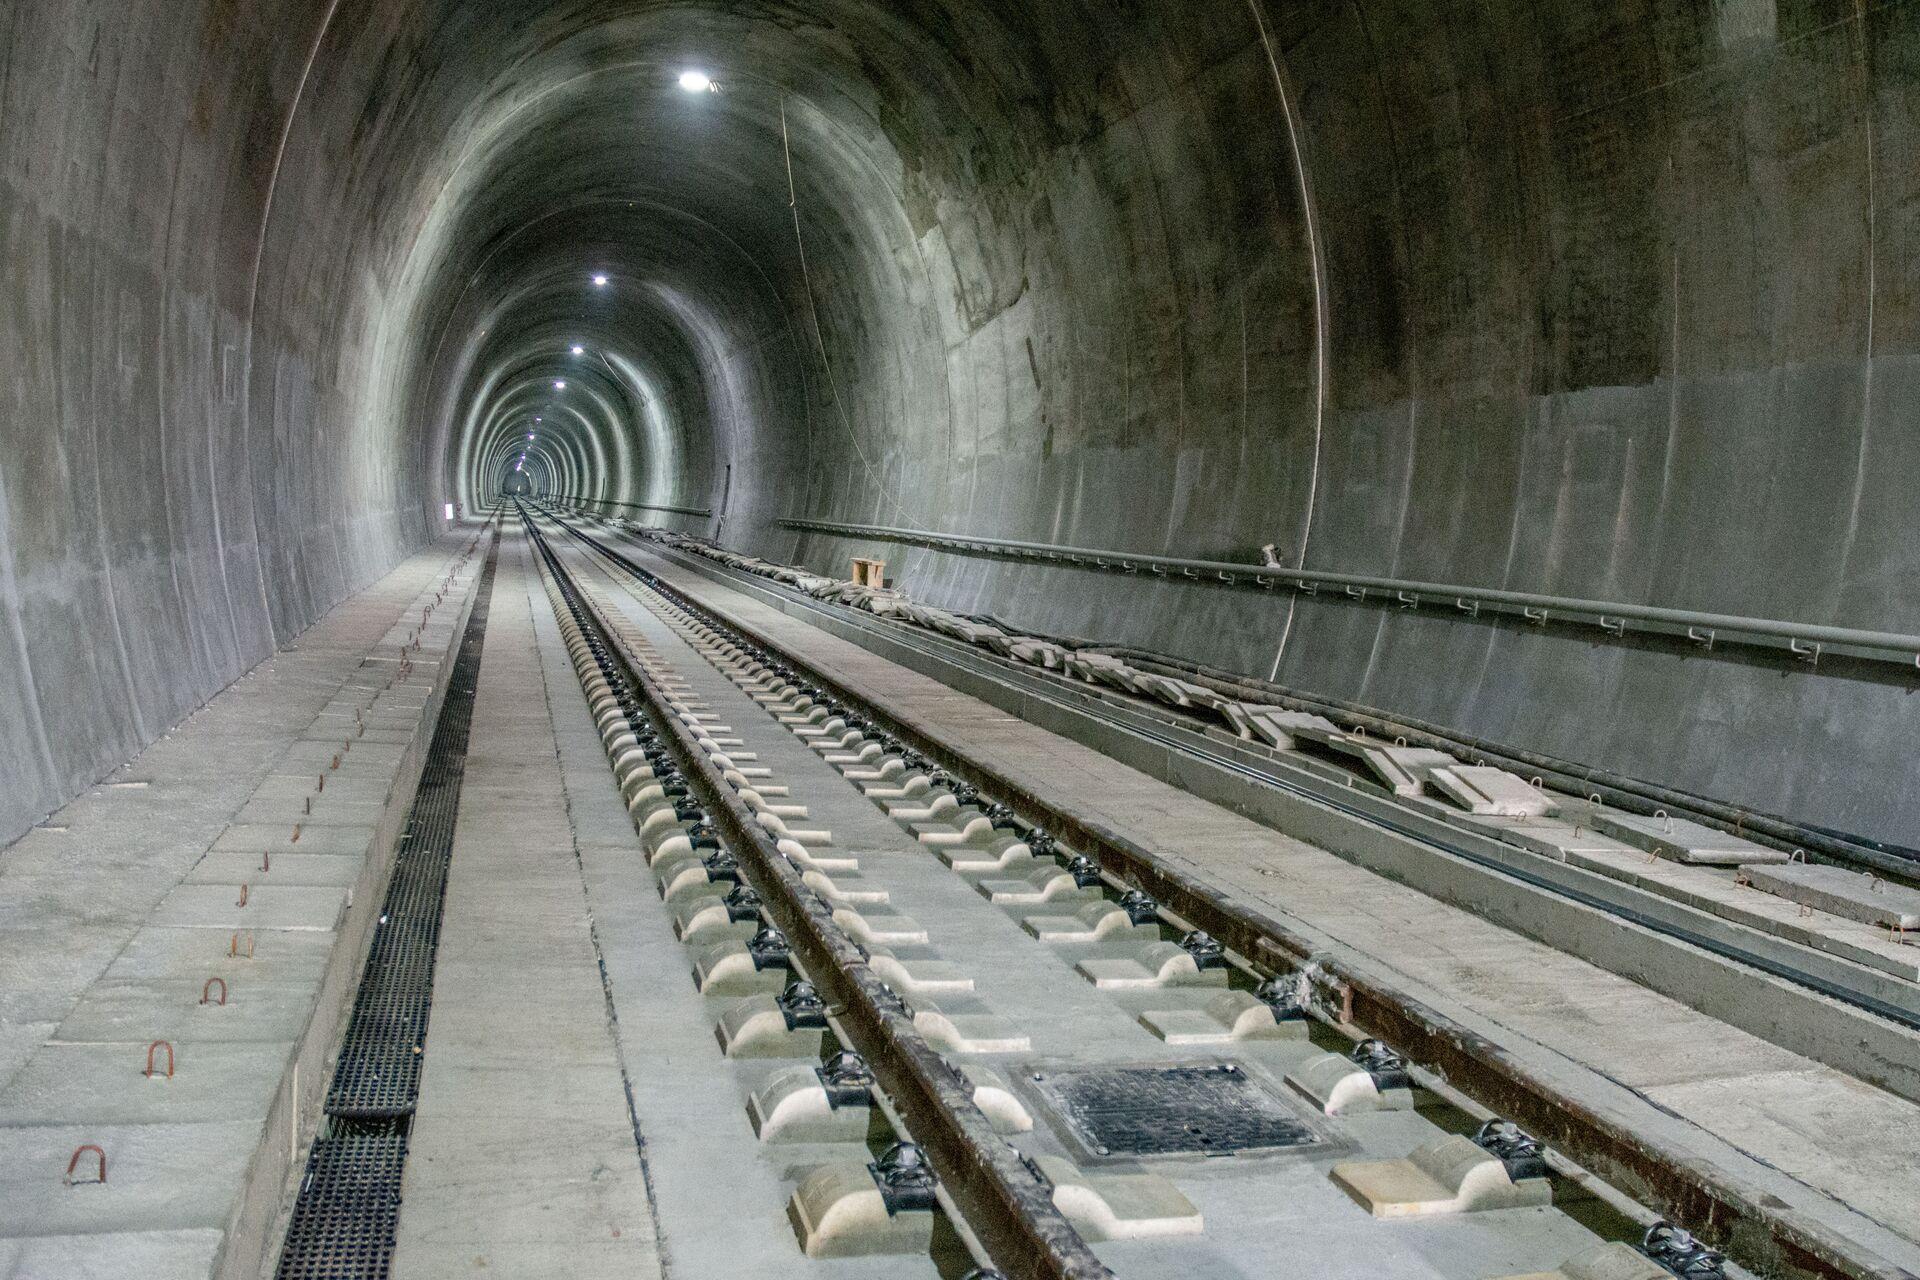 Пола године пре рока: Руске железнице завршиле радове на вијадукту и тунелу Чортановци /фото/ - Sputnik Србија, 1920, 20.04.2021